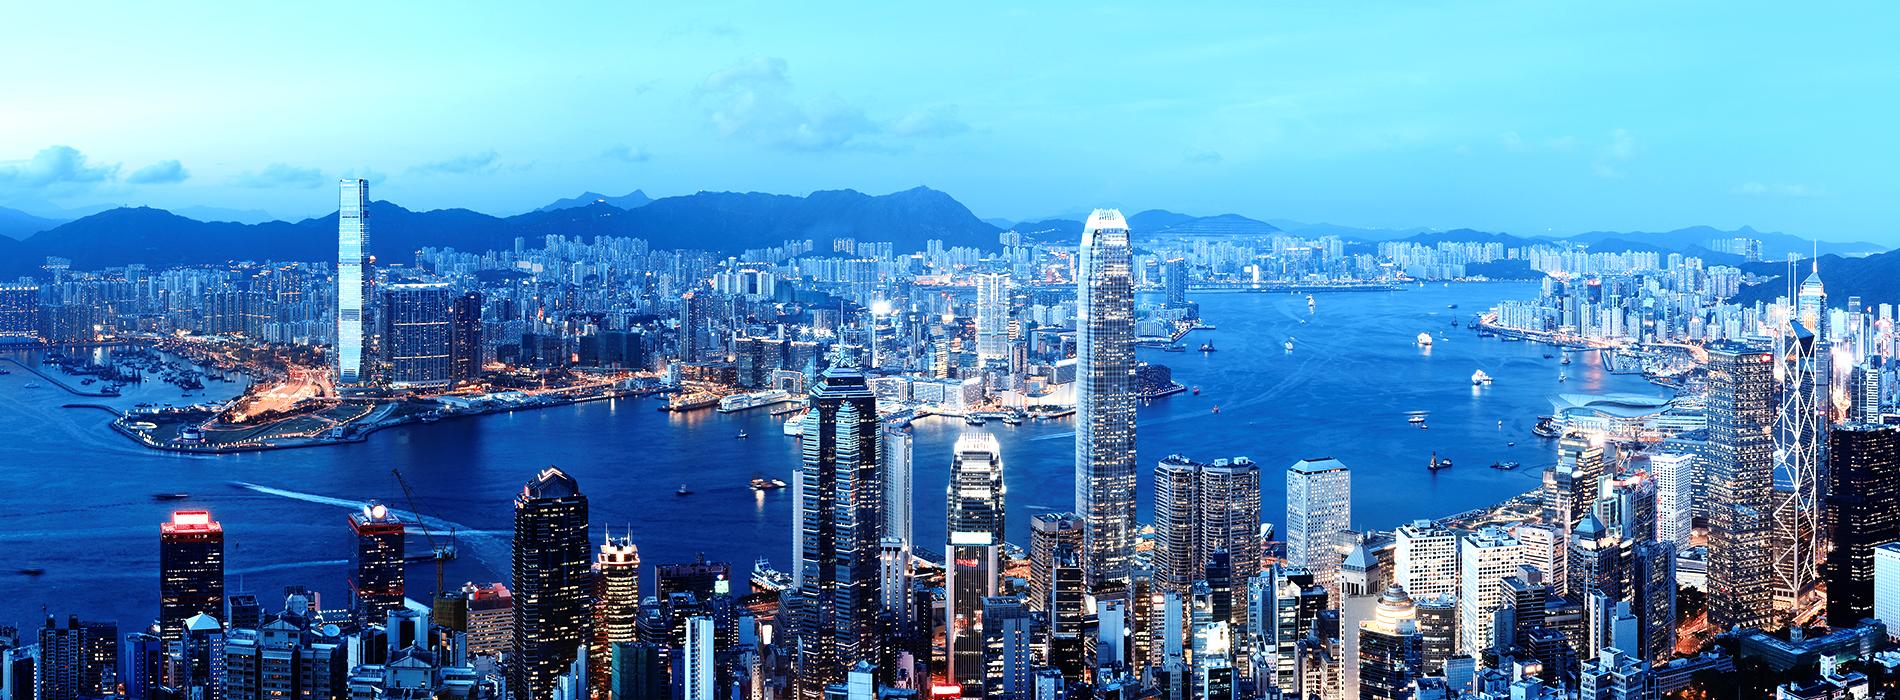 Авиабилеты Иркутск — Гонконг, купить билеты на самолет туда и обратно